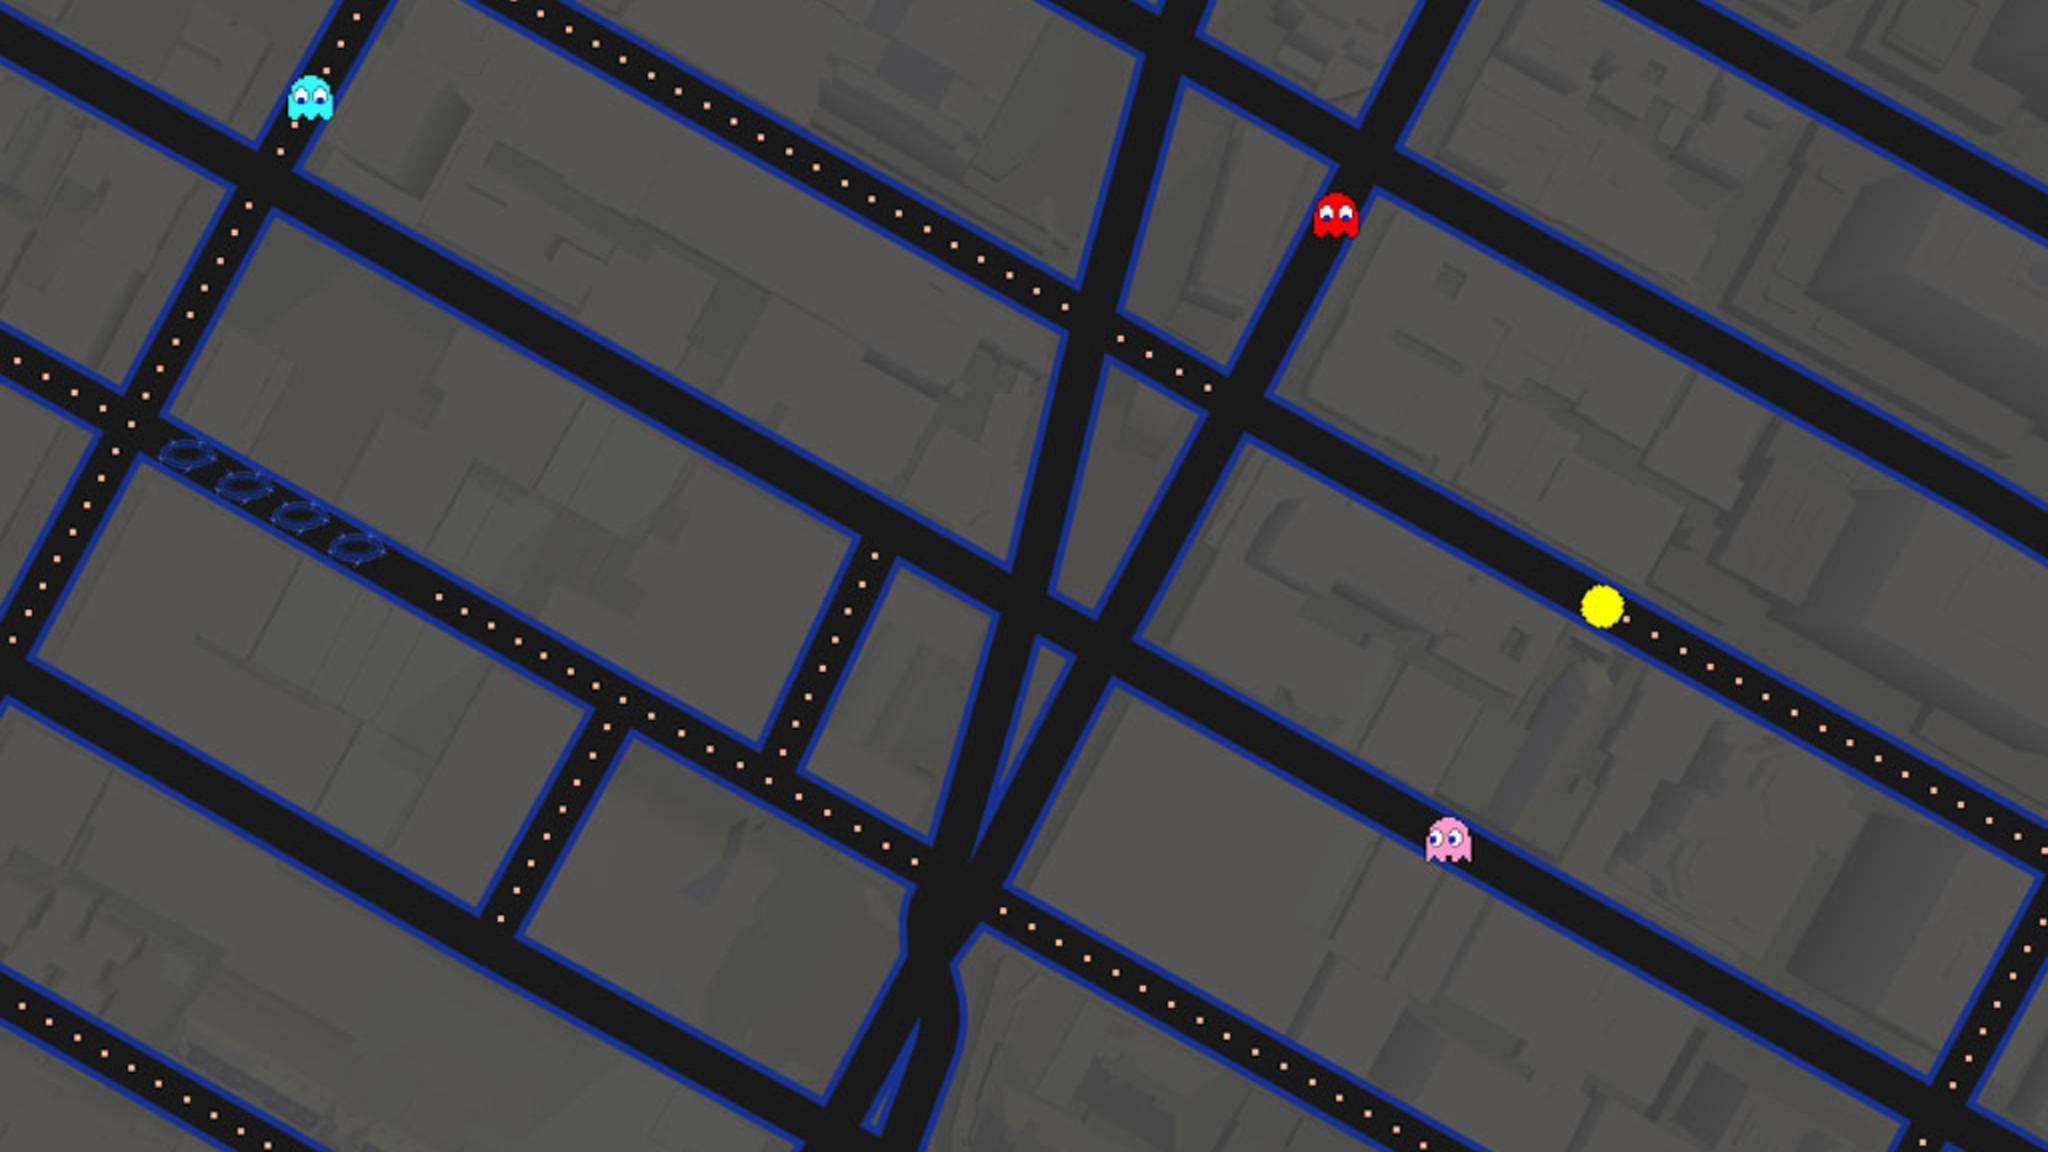 Jep, in Deinem Android versteckt sich ein vollständiges Pac-Man-Spiel.